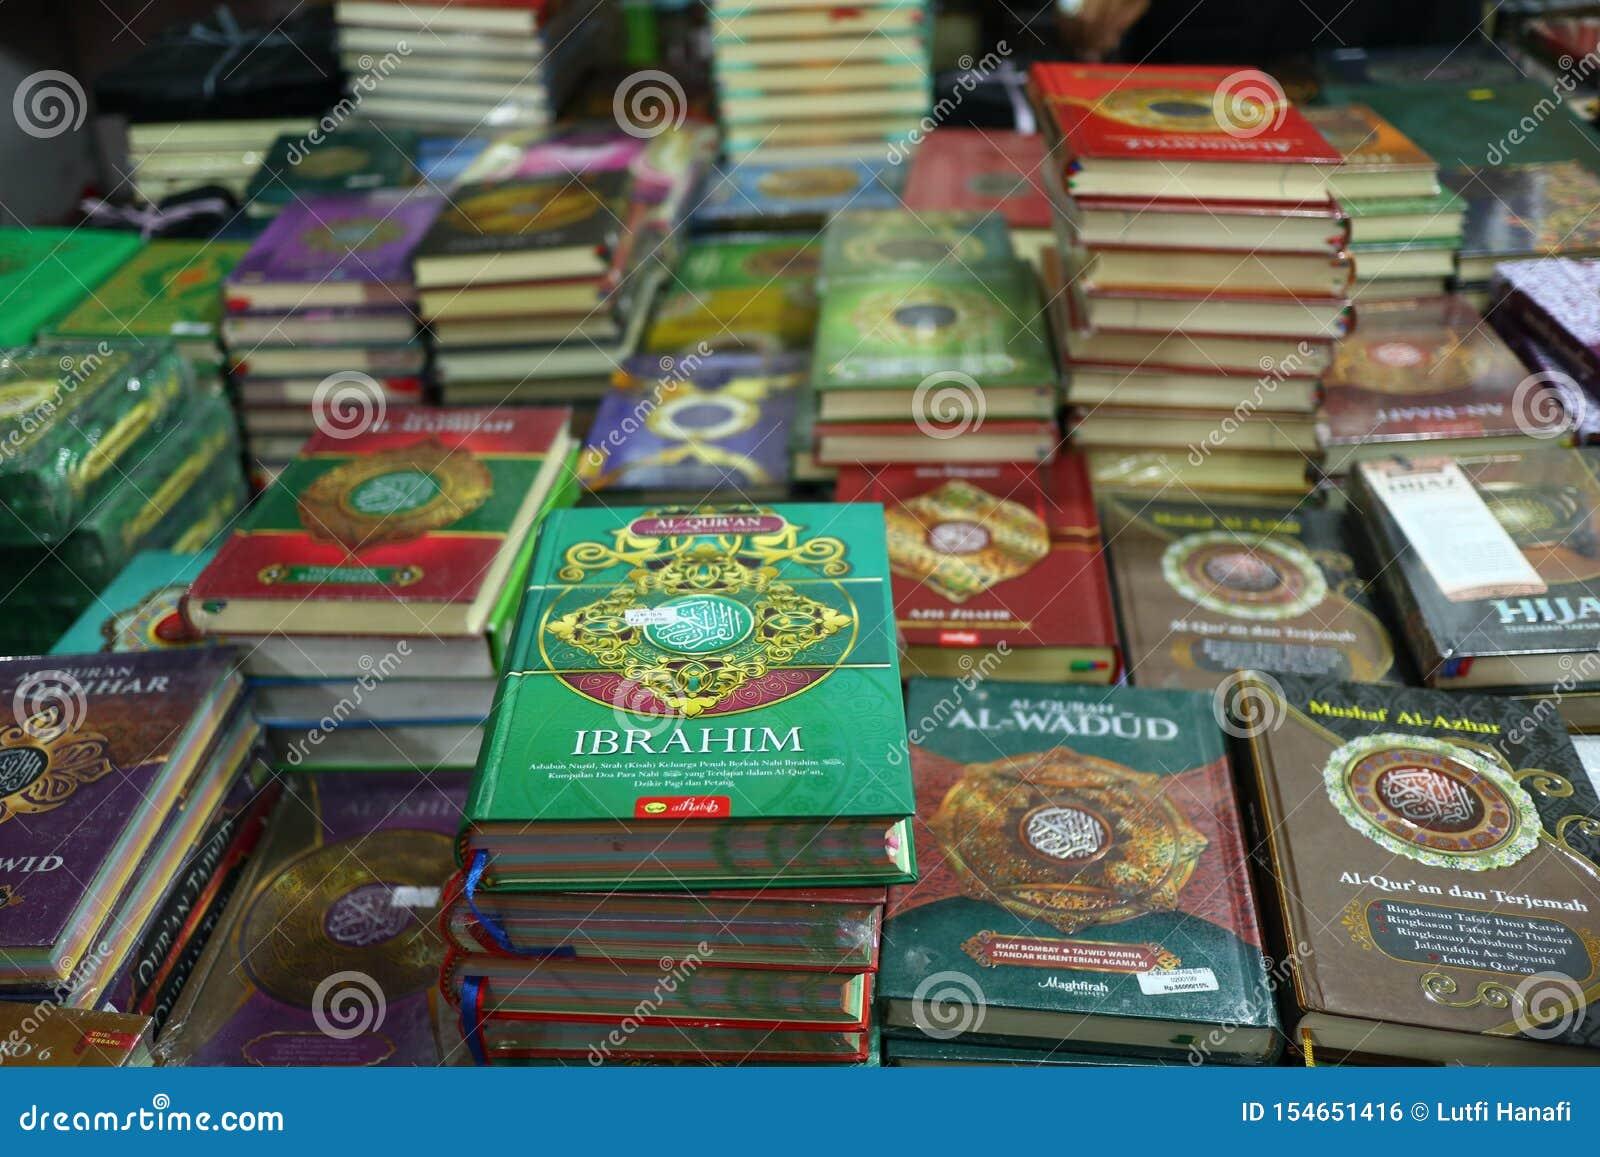 Das heilige Qur 'und verschiedene Islamisch-themenorientierte Bücher